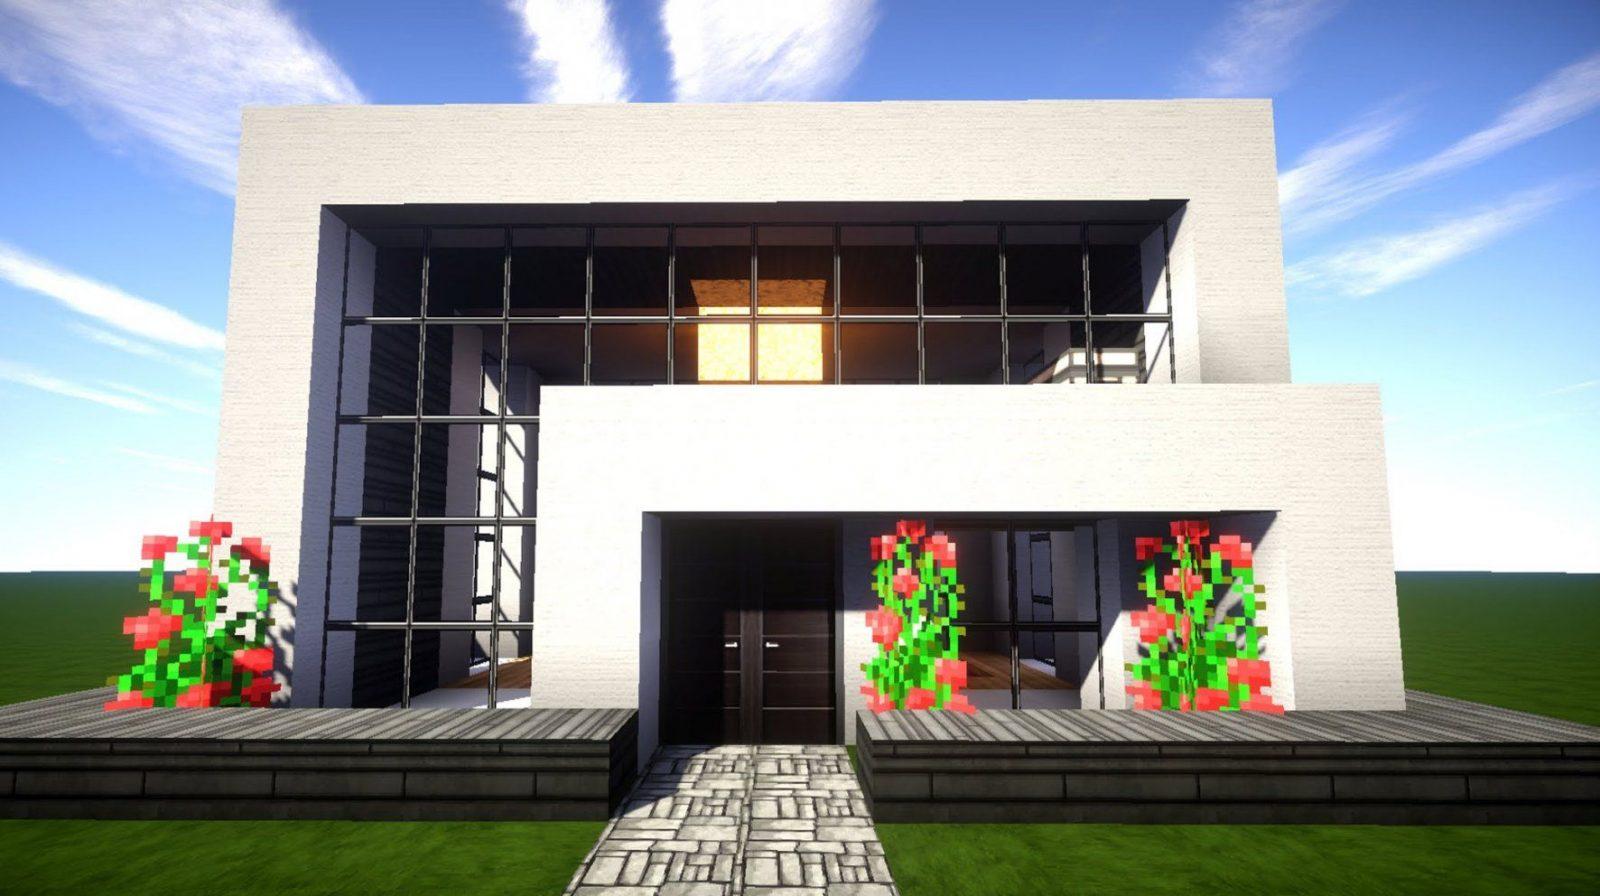 Fabelhaft Minecraft Modernes Haus Mit Wasserfall Bauen 14X12 Tutorial von @LB_38